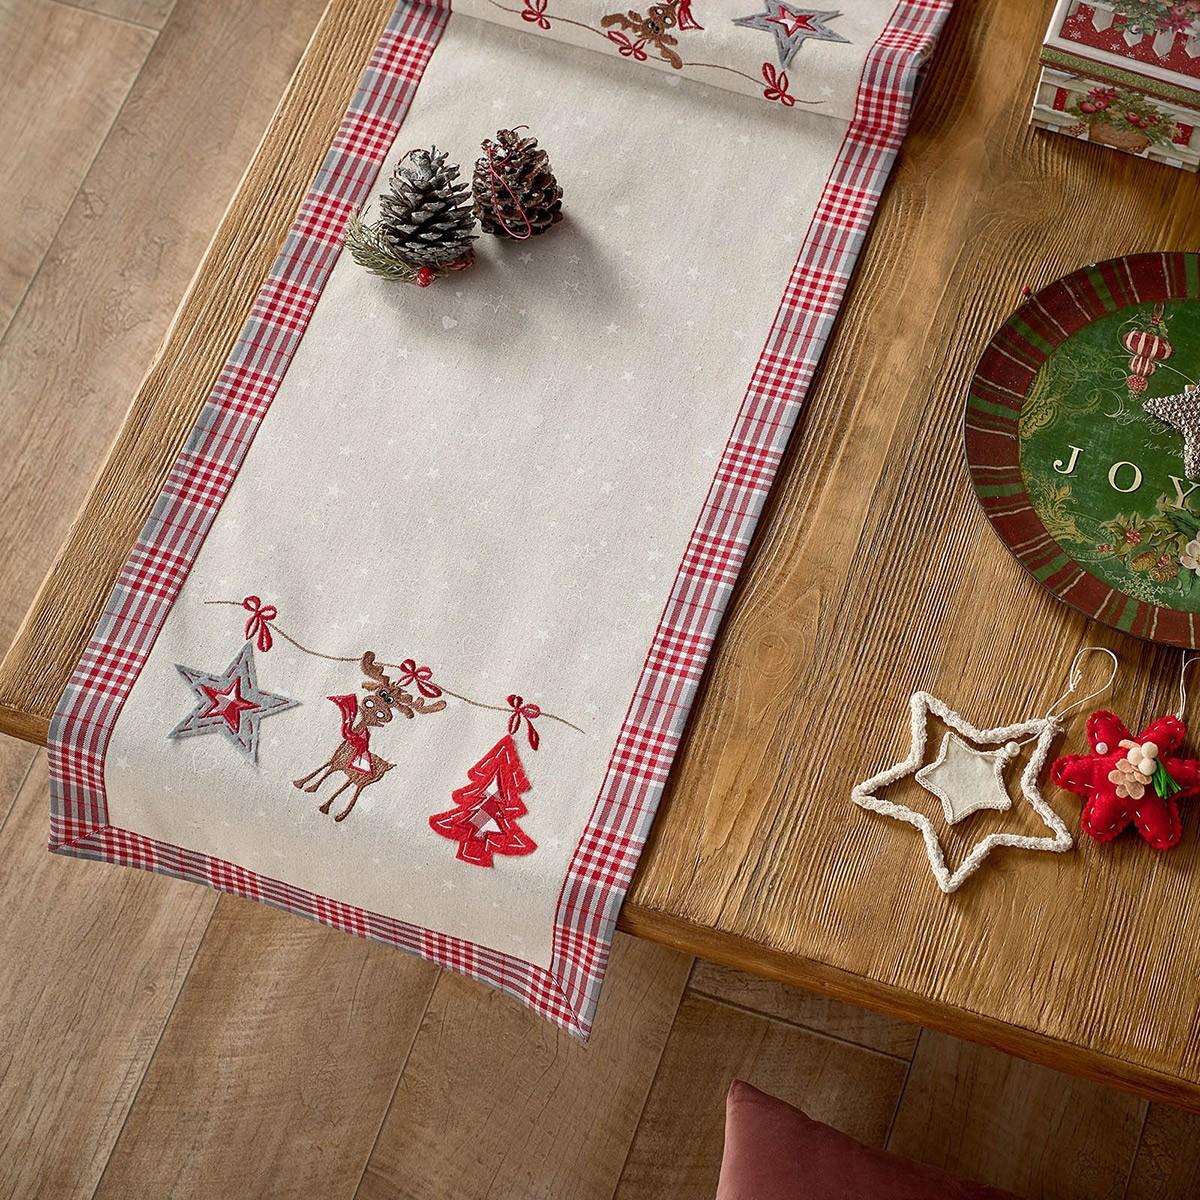 Χριστουγεννιάτικη Τραβέρσα Gofis Home 336